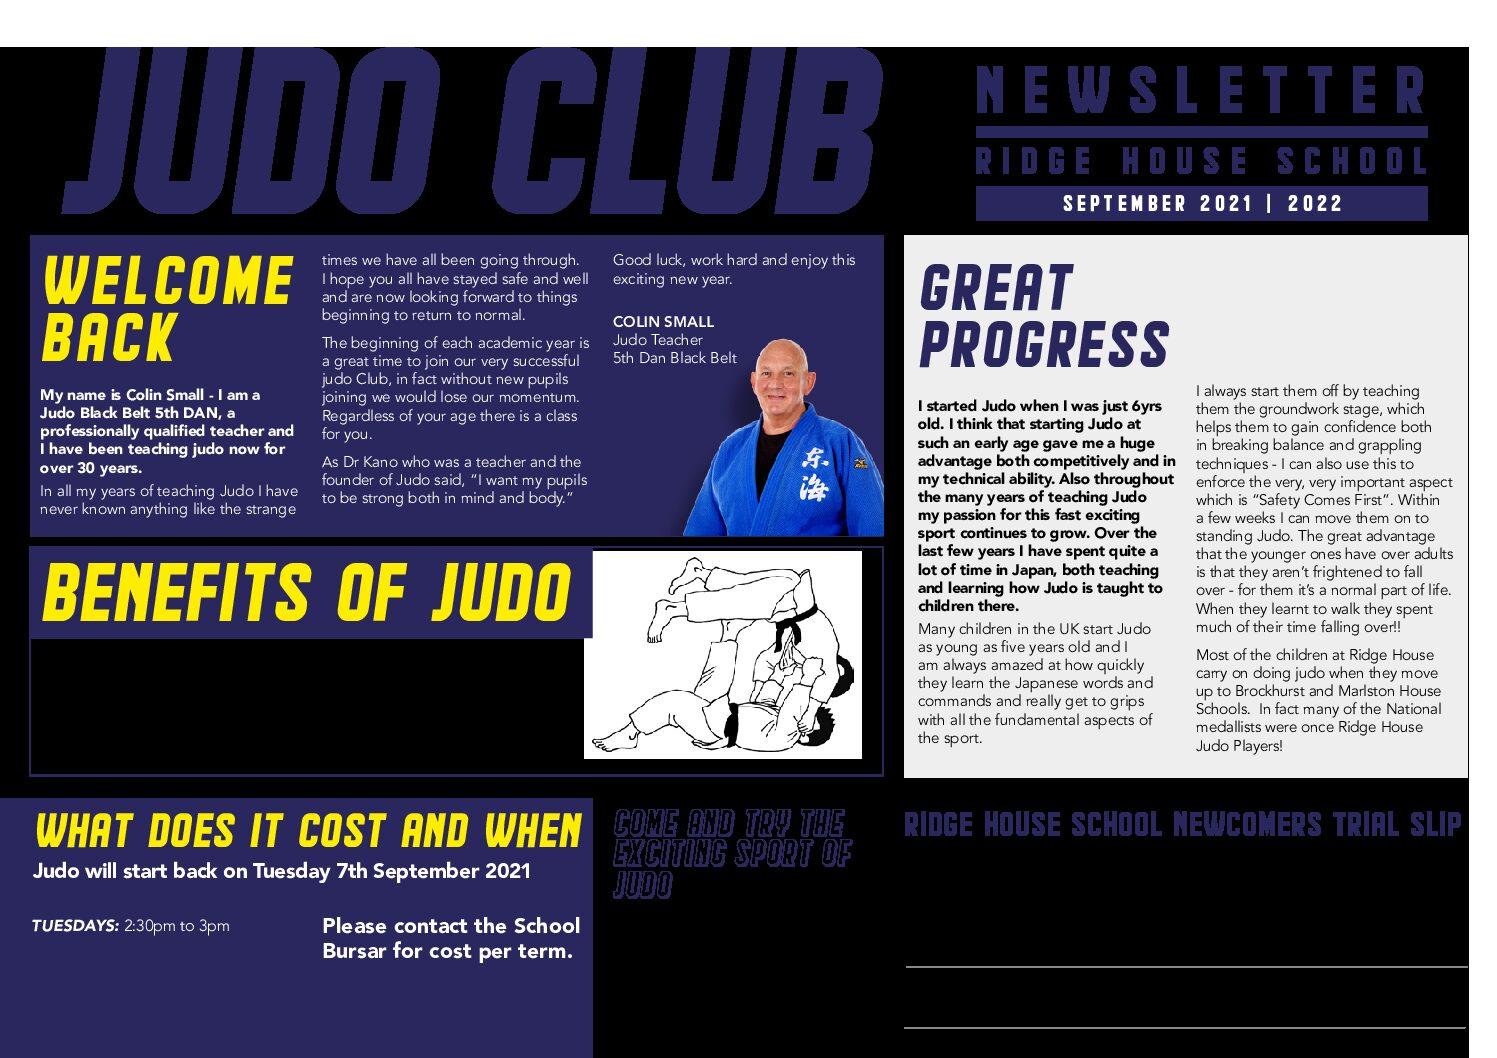 Ridge House Judo Newsletter